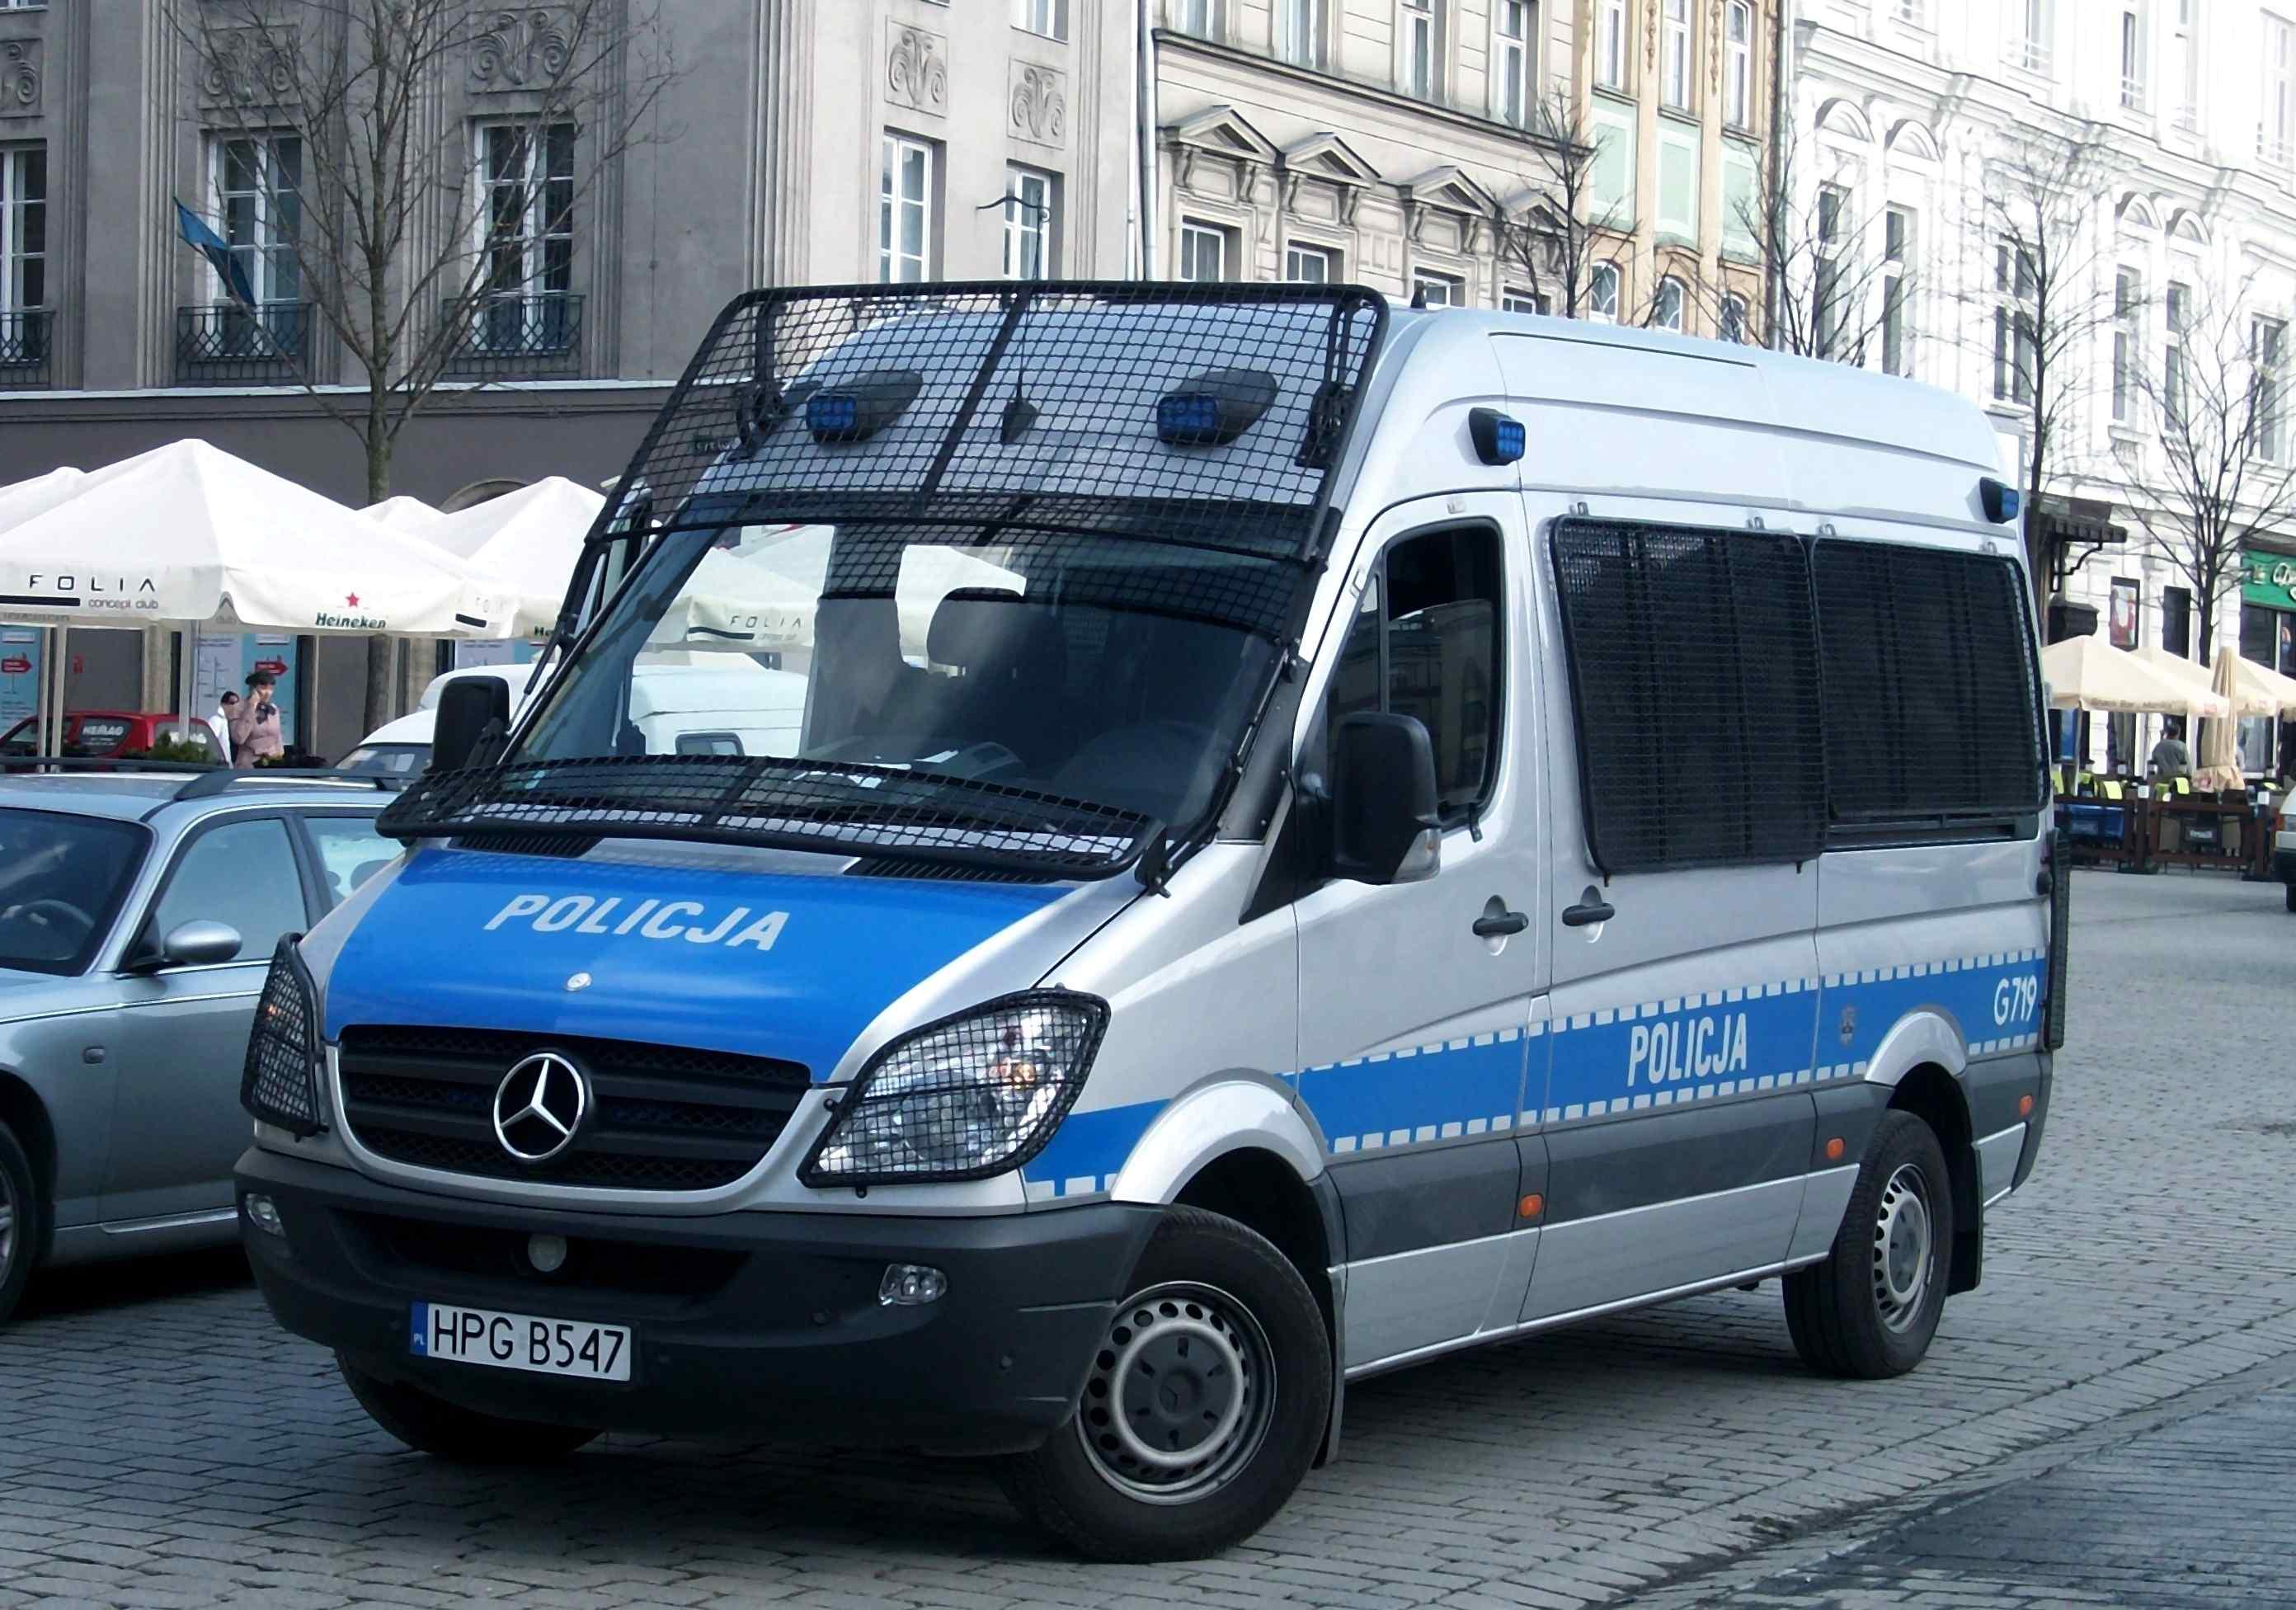 Grupy Osiedlowe wykrywają niebezpieczne miejsca w dzielnicach